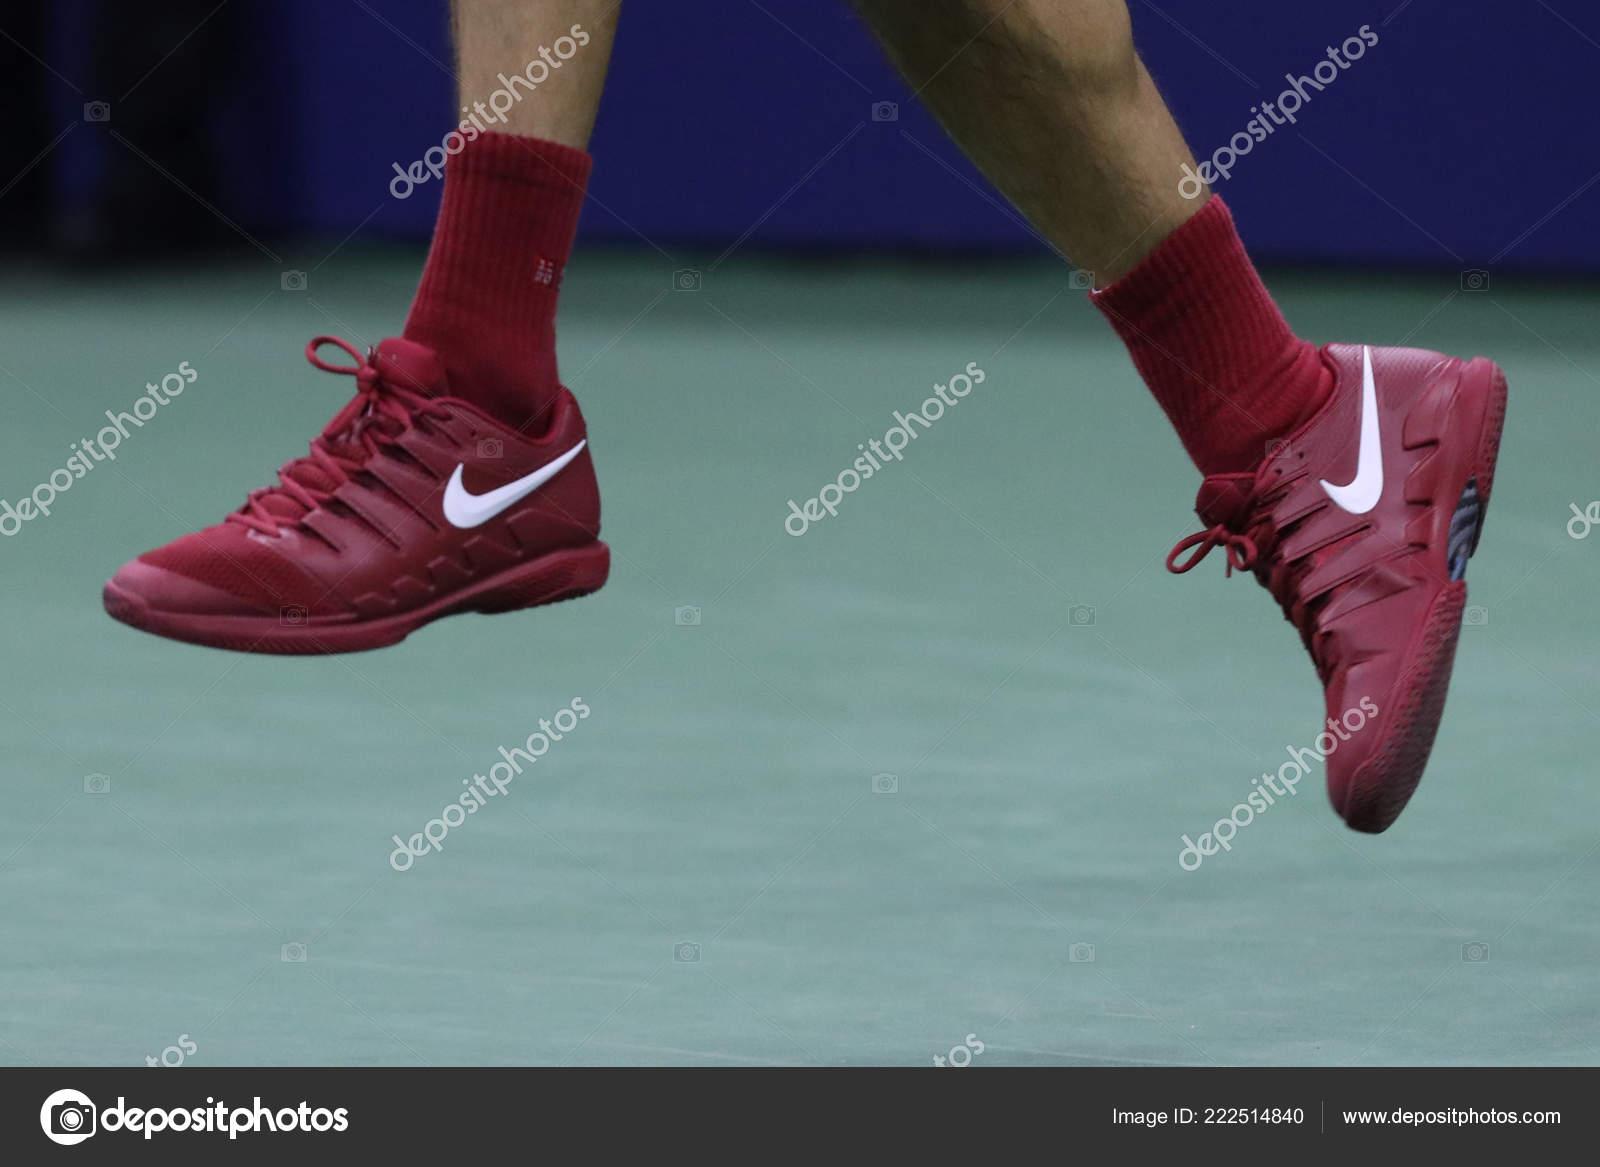 palma confine in lavorazione  New York August 2018 Time Grand Slam Champion Roger Federer – Stock  Editorial Photo © zhukovsky #222514840